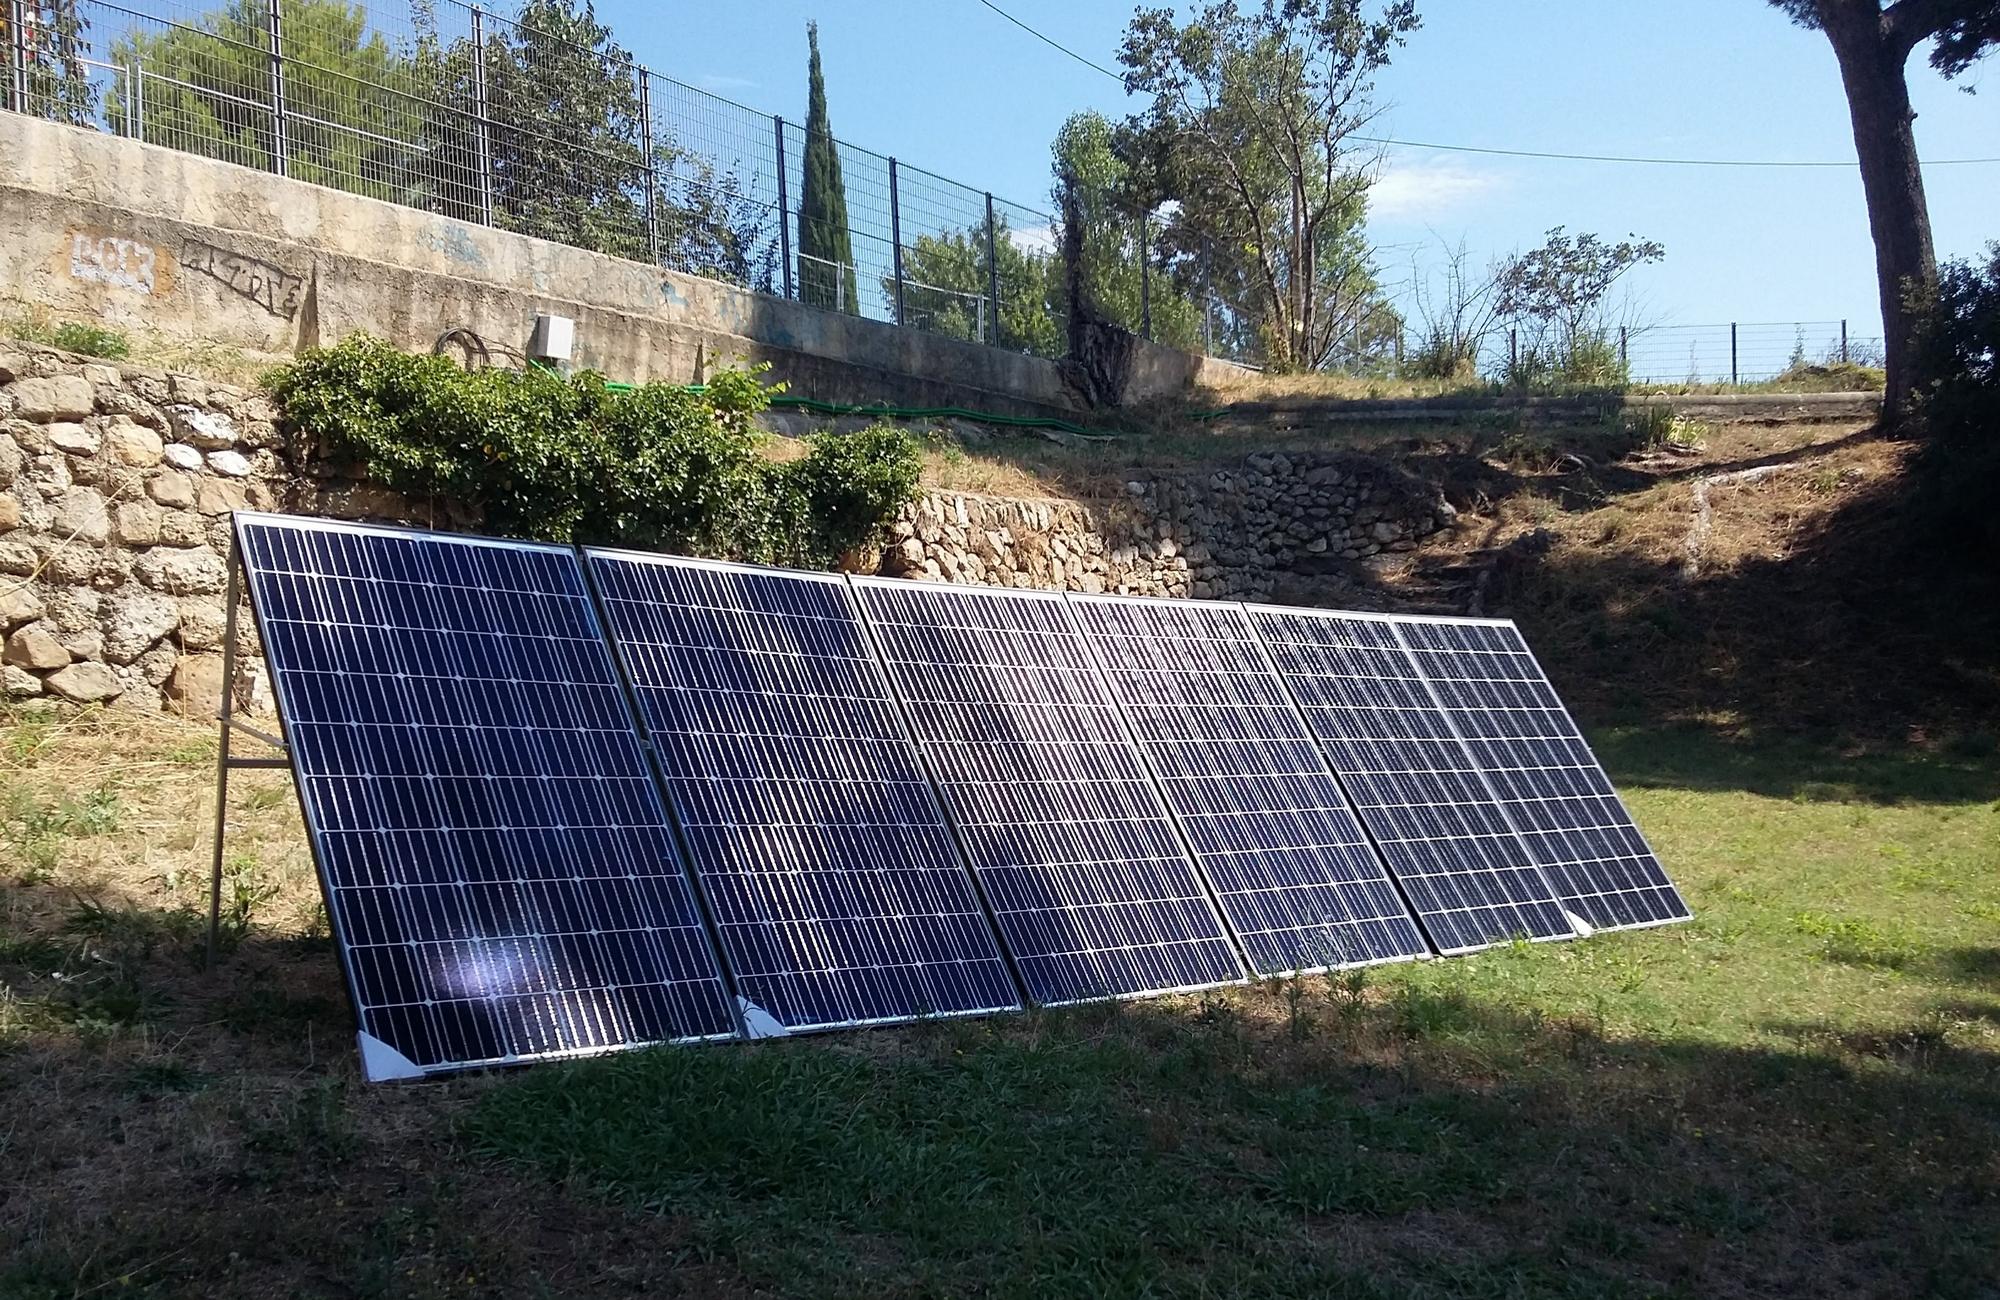 Le module solaire, créer par l'entreprise Solarius servira, à alimenter la sono du festival. ©Alice Meiller